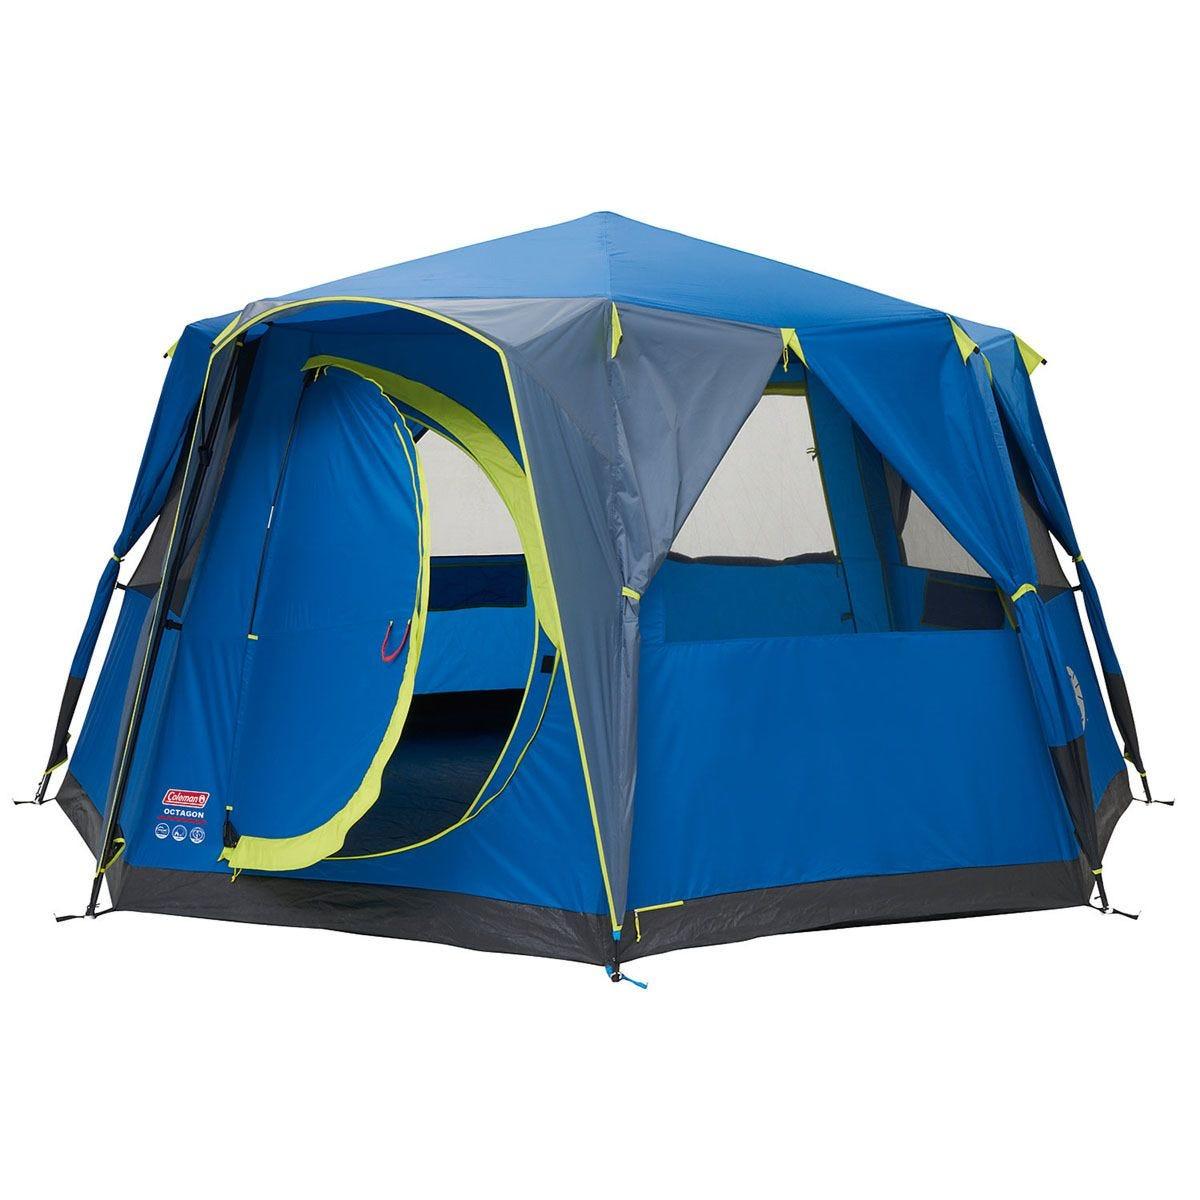 Coleman Cortes Octagon 8 Tent  - Blue & Lime